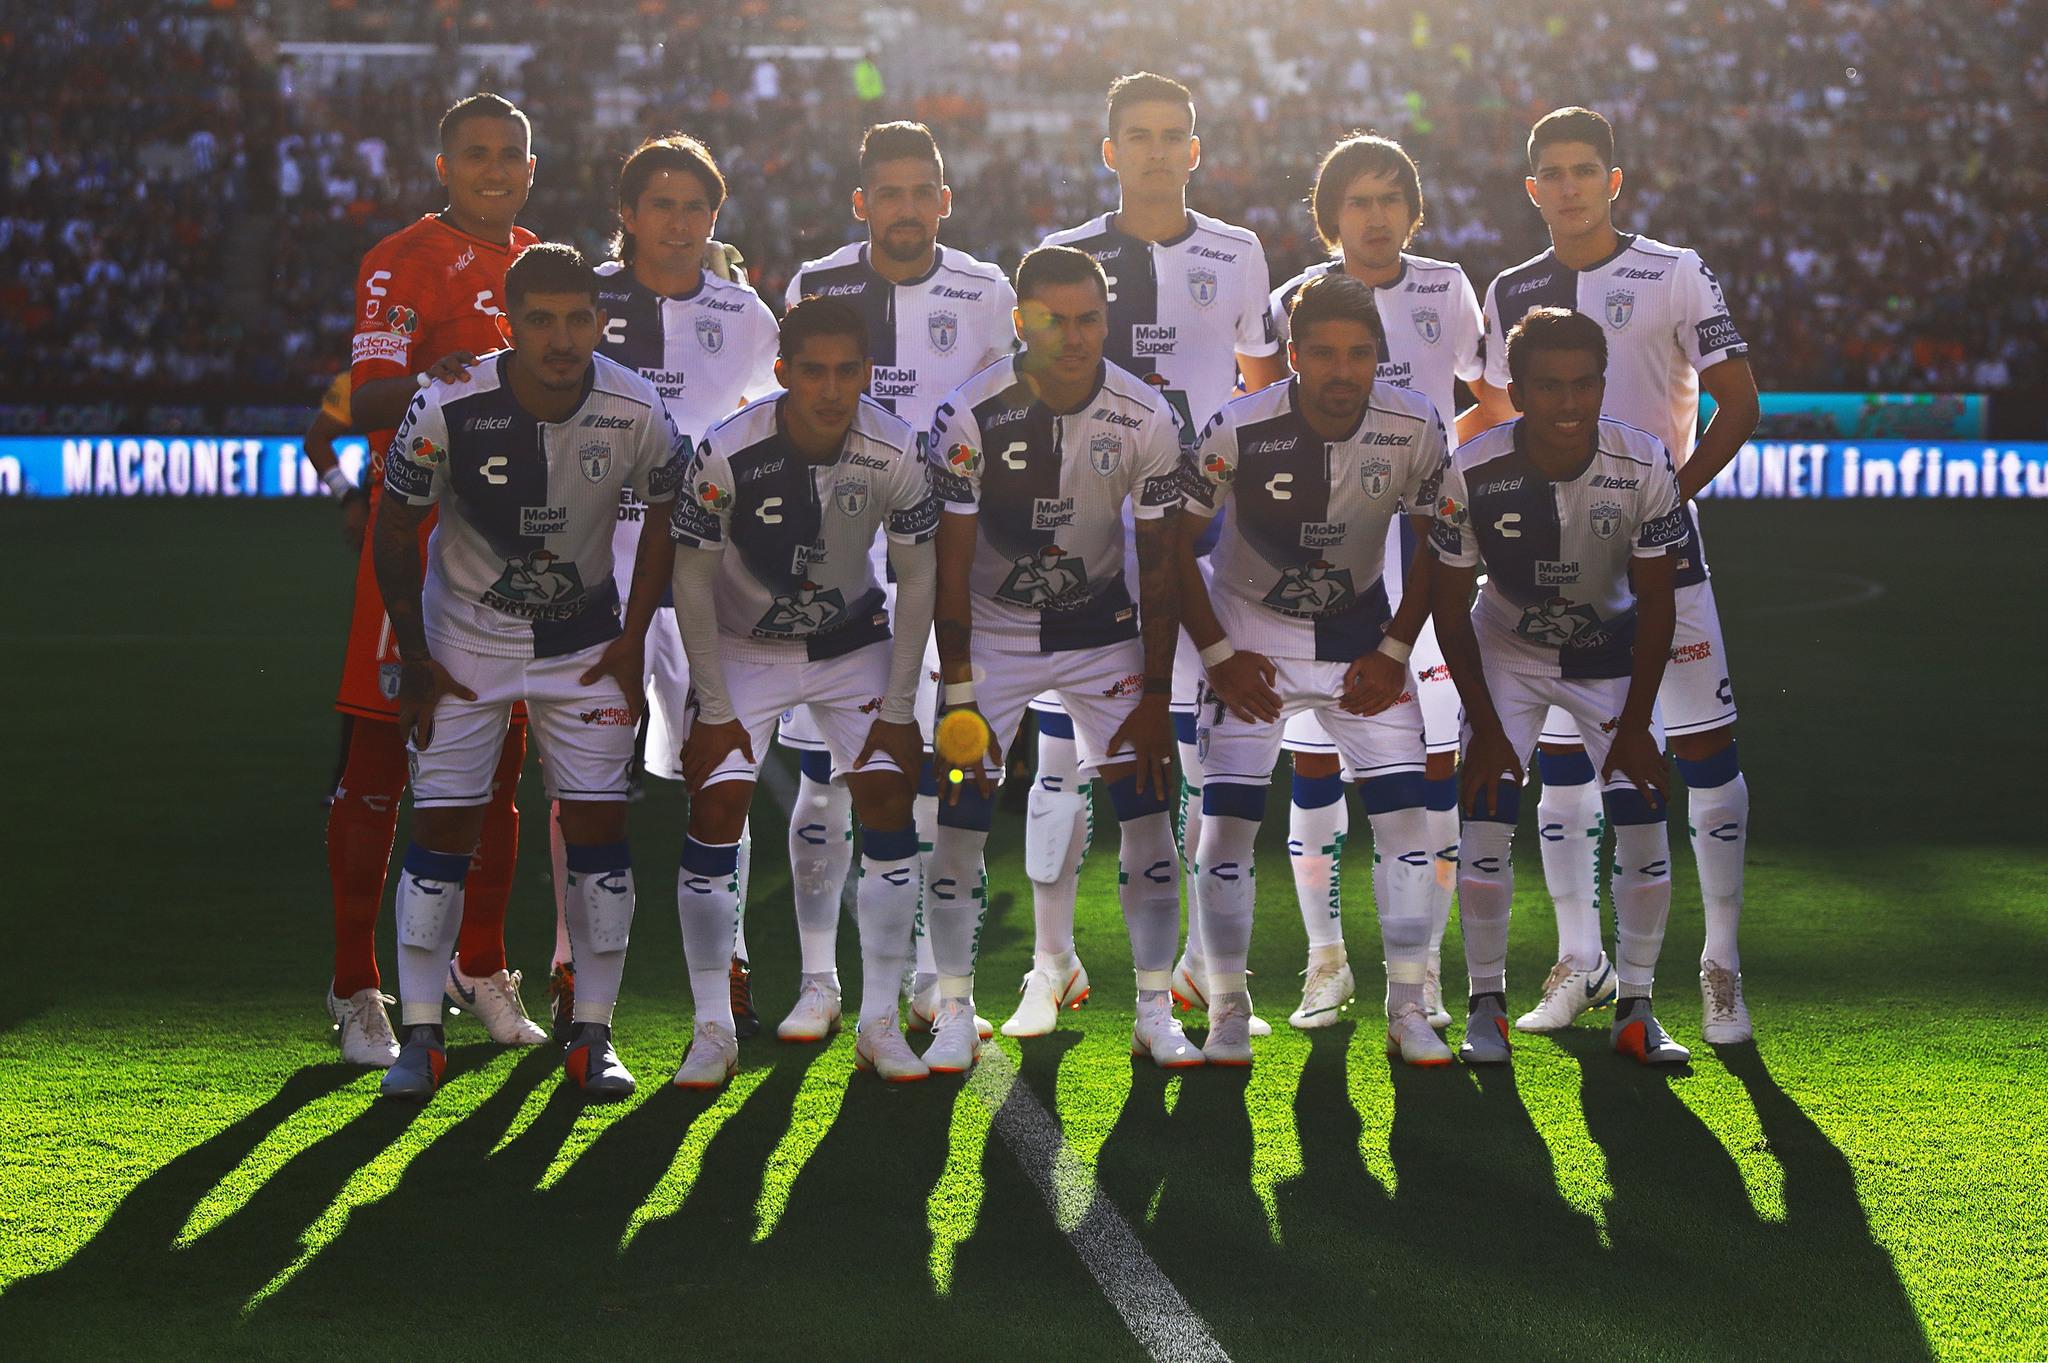 La formación de Pachuca contra Monterrey.